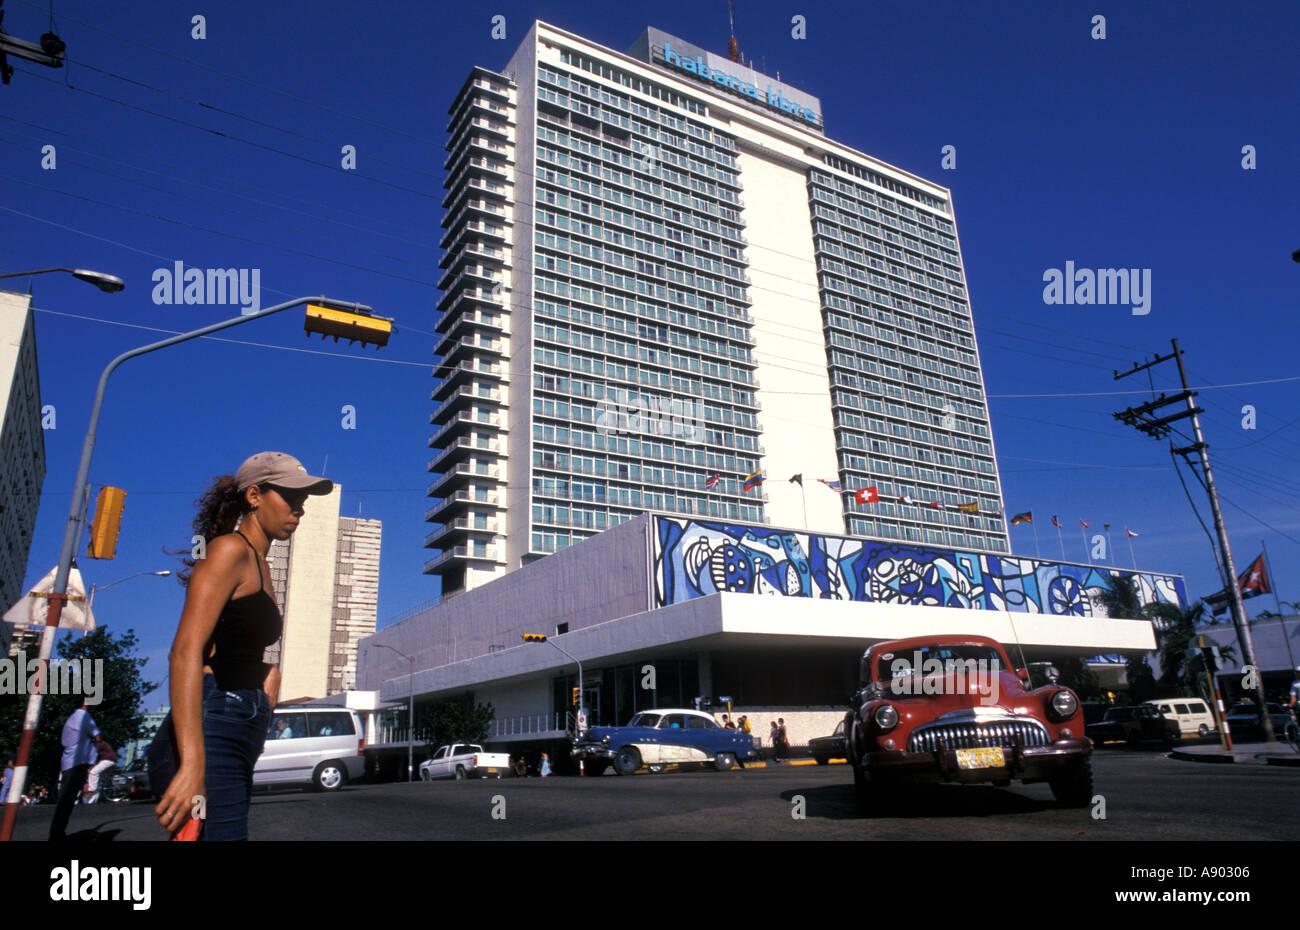 Habana Libre Hotel Vedado Havana Cuba Stock Photo, Royalty ...